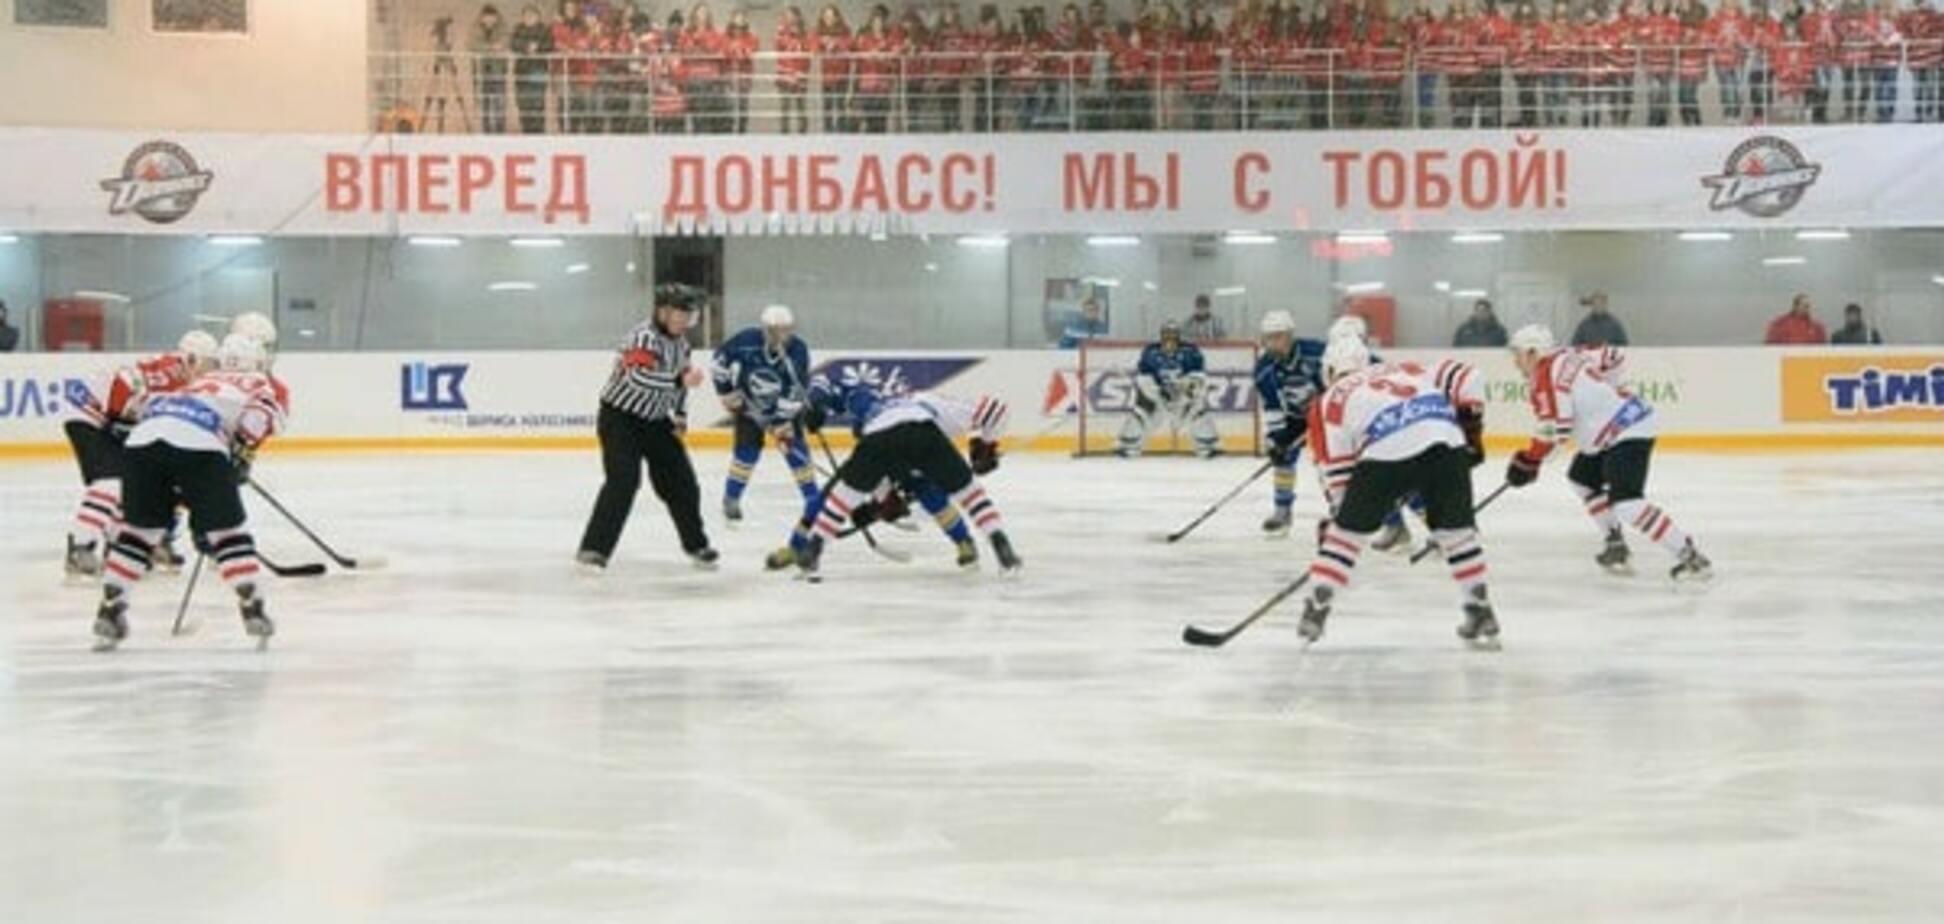 ХК Донбасс - ХК Юность - 26-0: видео матча чемпионата Украины по хоккею